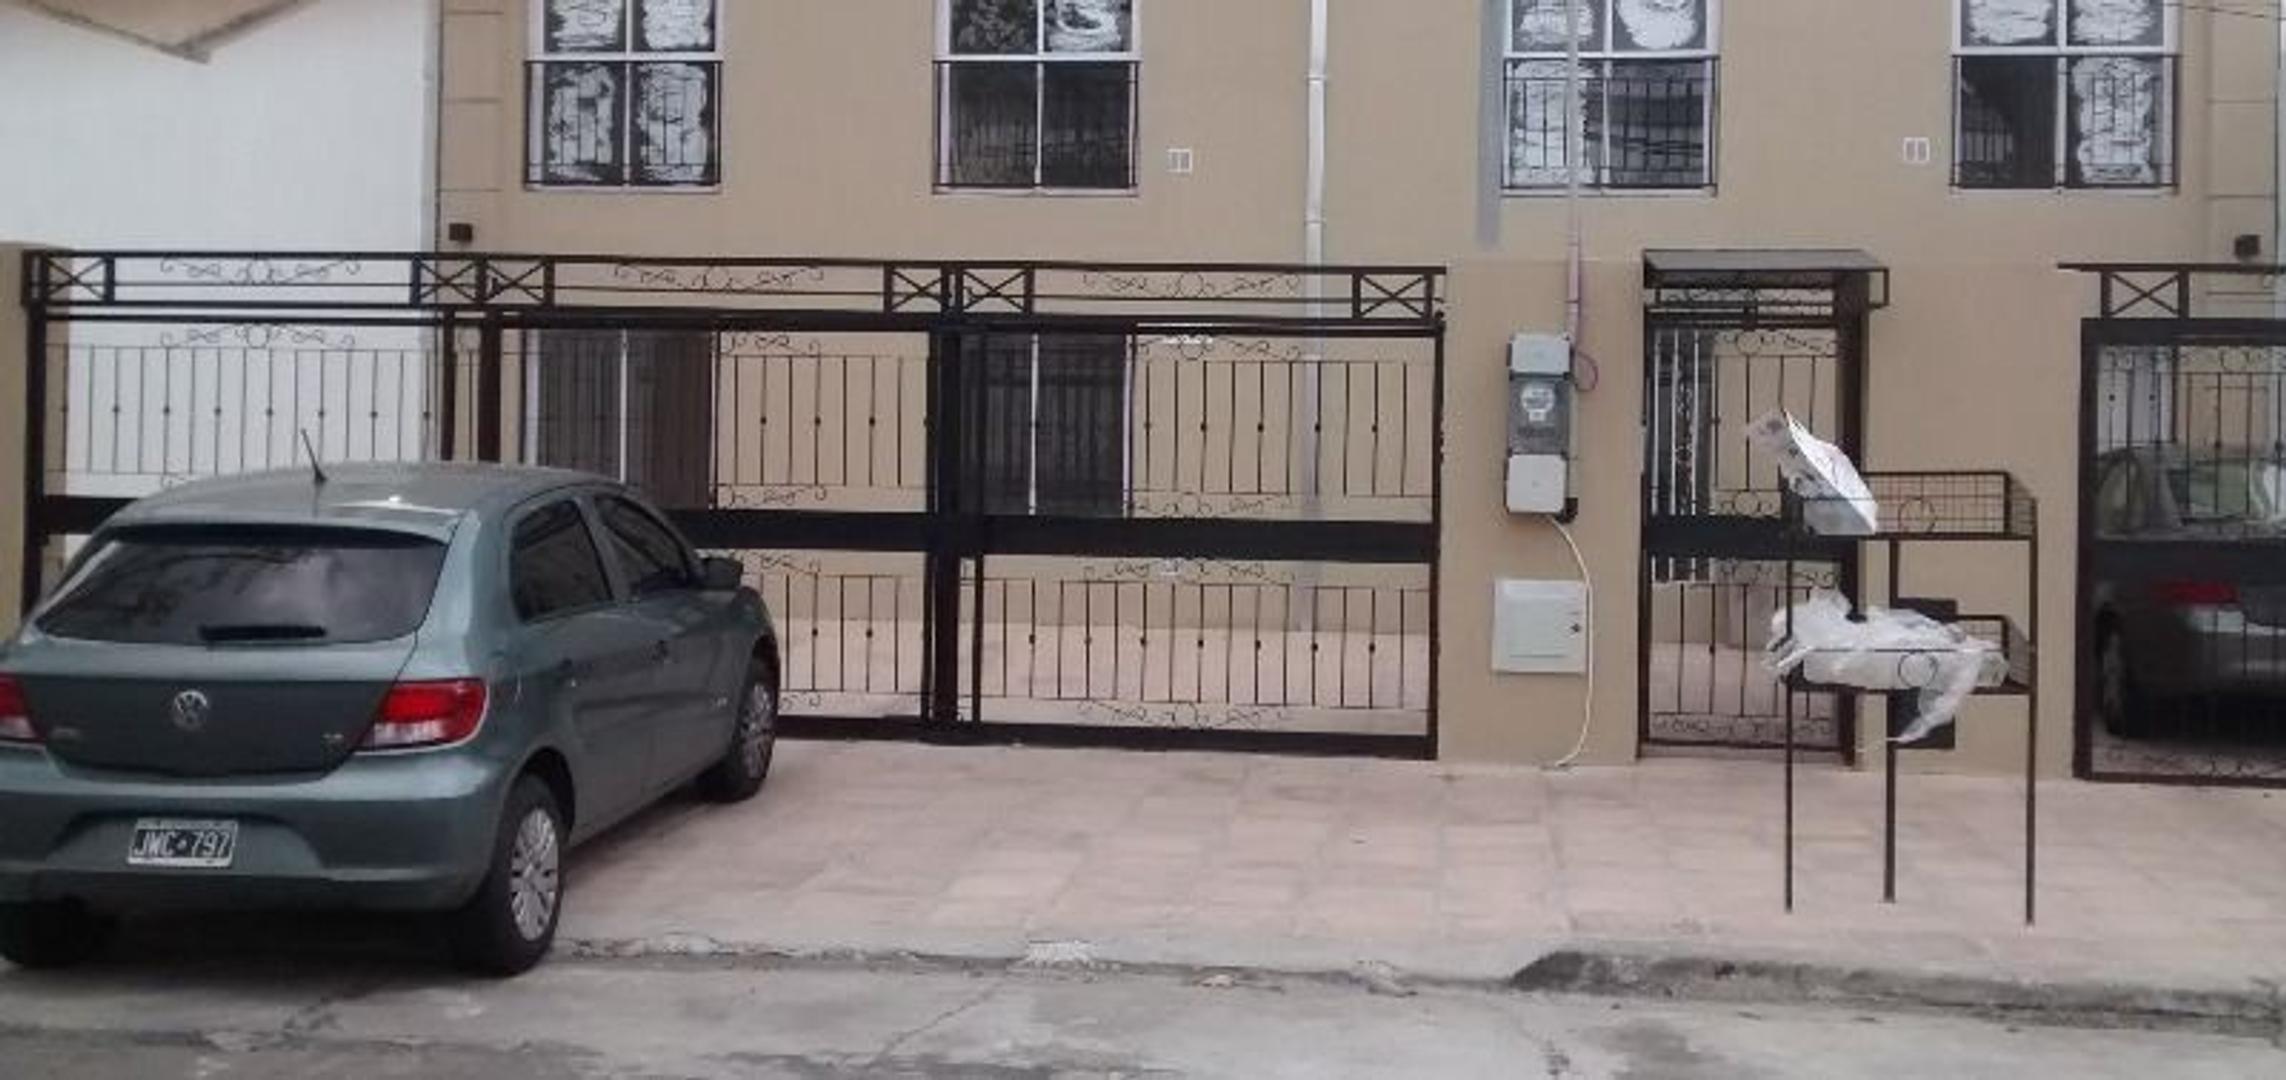 Depto de 2 ambientes con terraza propia.